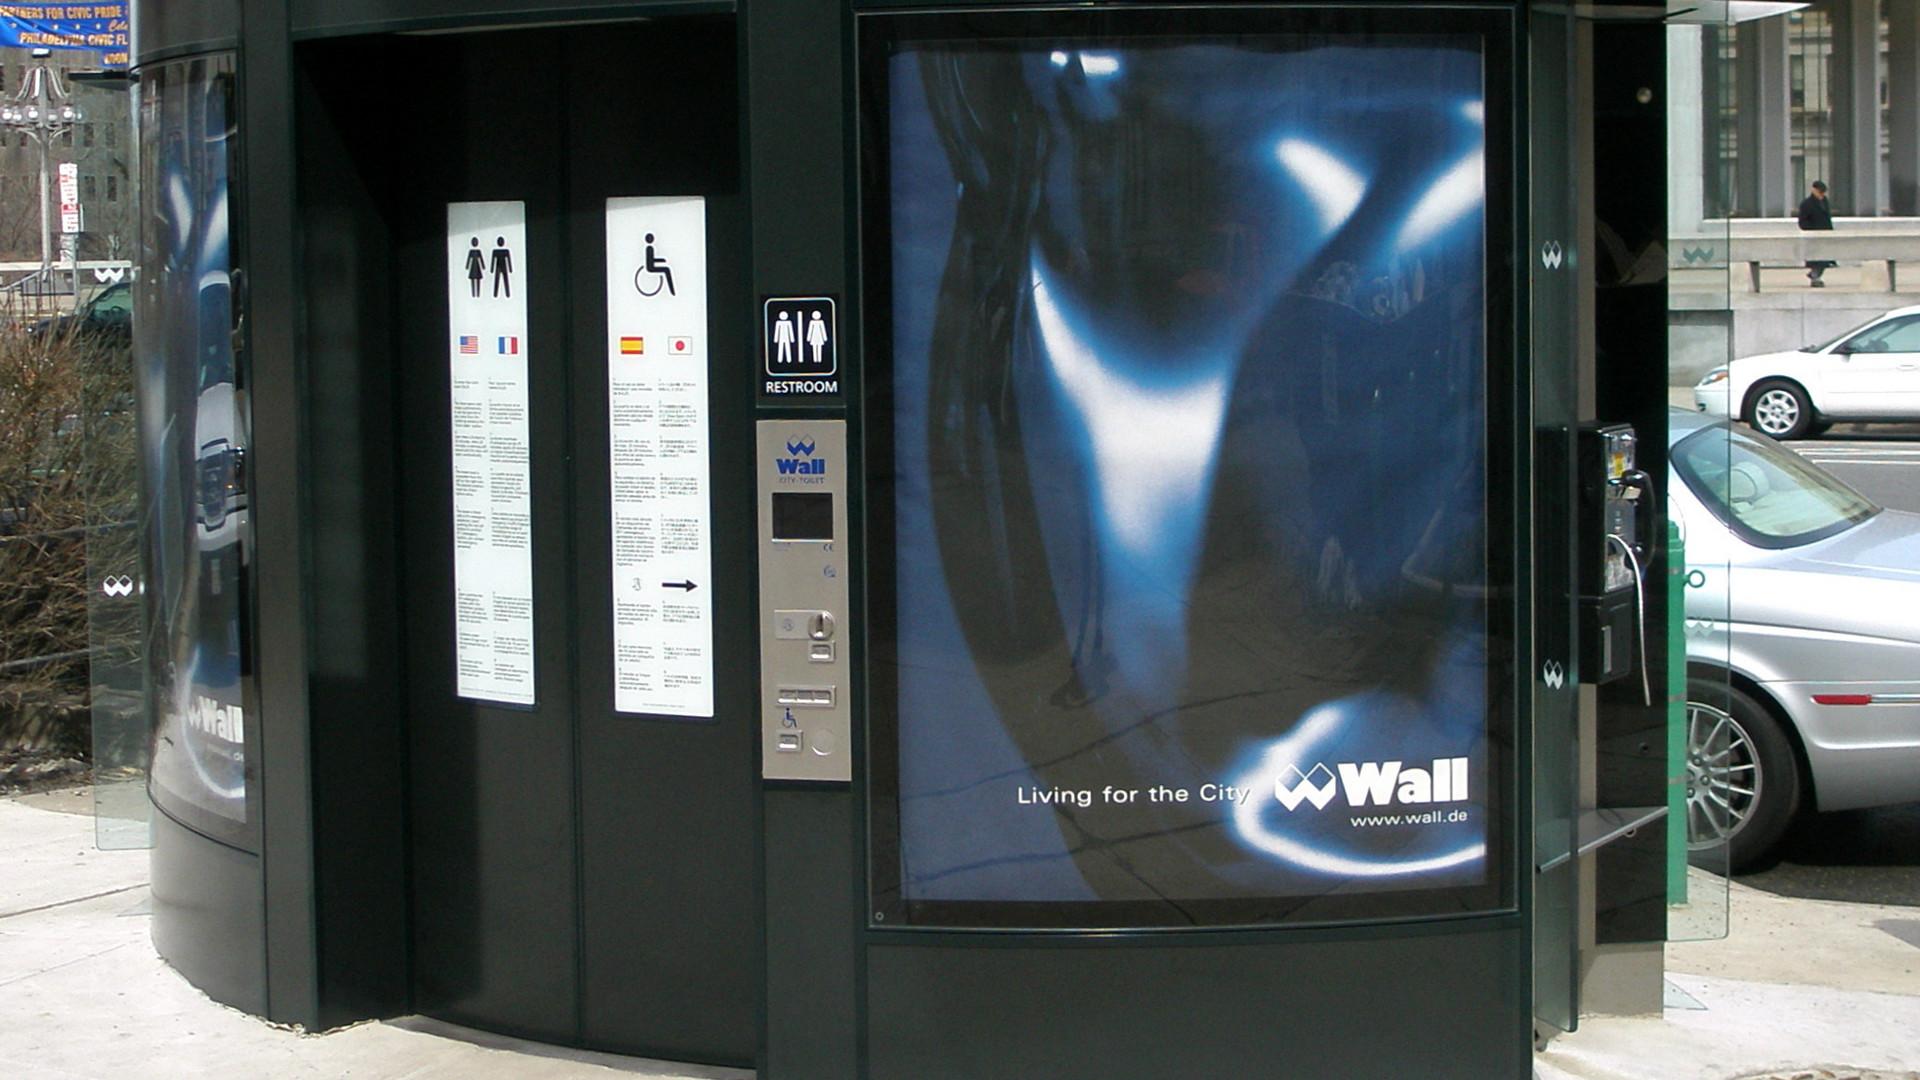 750a110f55 Nie musisz płacić za WC na mieście. Sprawdziliśmy i oceniliśmy darmowe  toalety w Warszawie